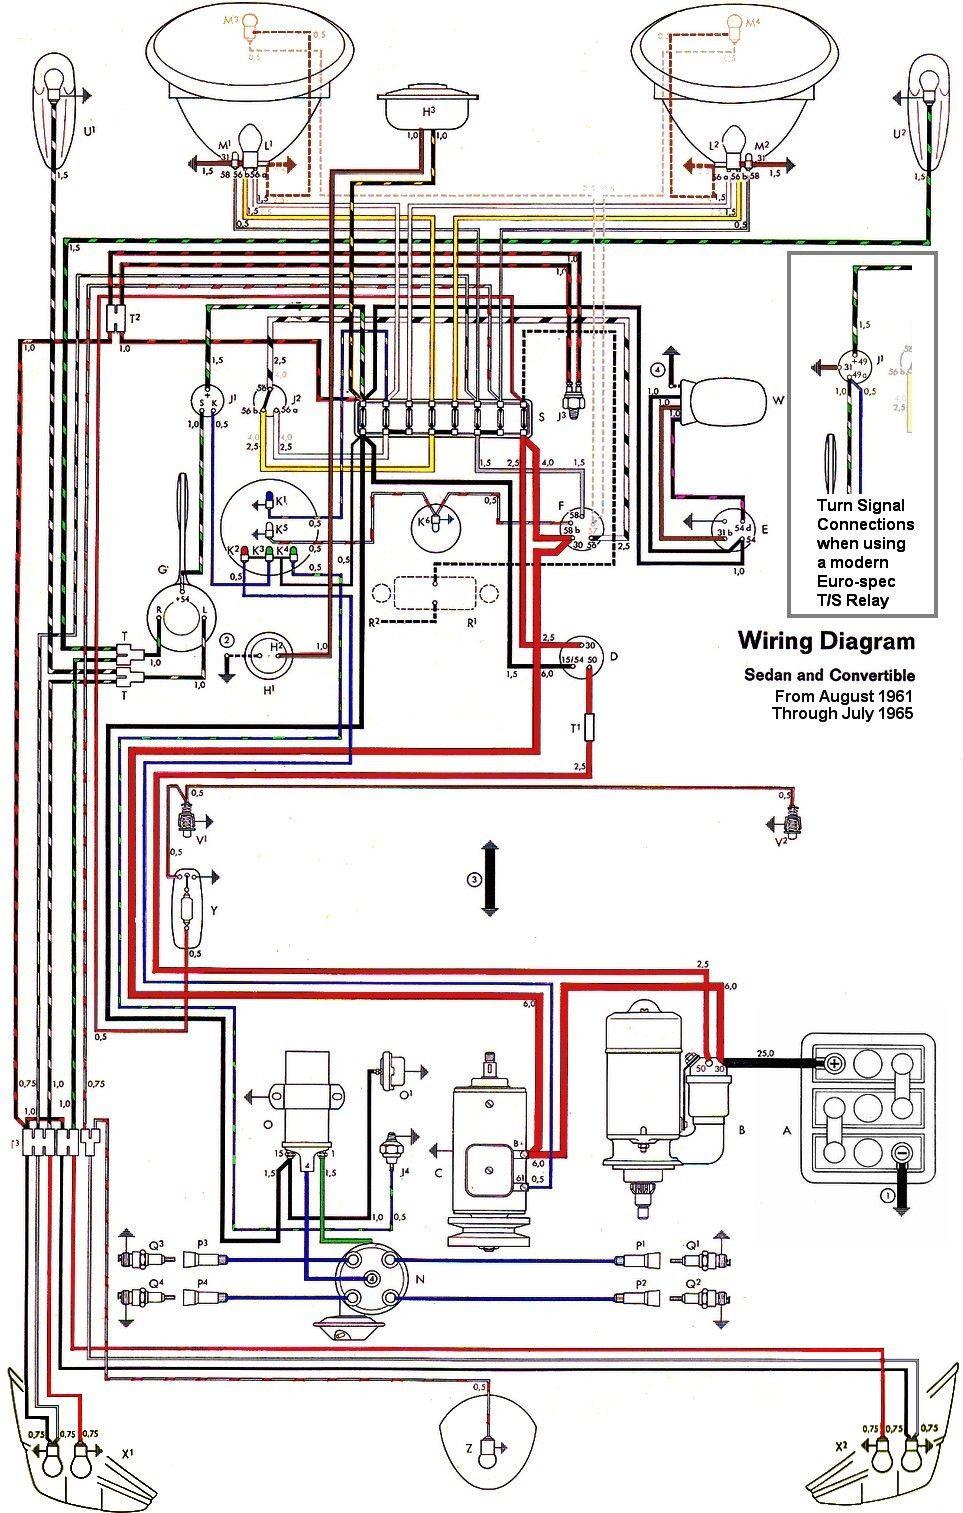 Beetle 1600 Wiring Diagram Wiring Diagram Vw Beetle Sedan and Convertible 1961-1965 Vw … Of Beetle 1600 Wiring Diagram